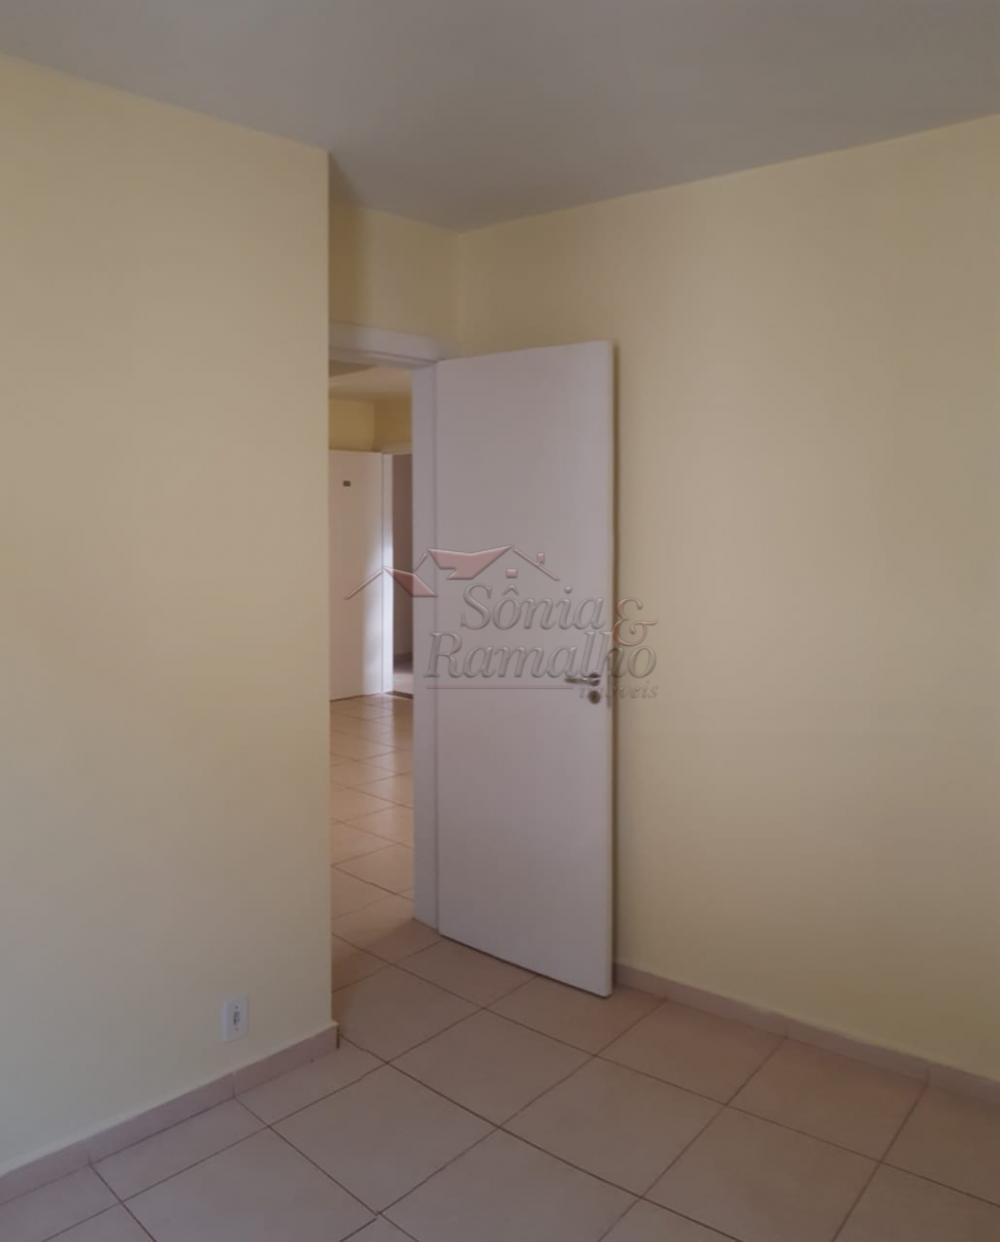 Alugar Apartamentos / Padrão em Ribeirão Preto apenas R$ 700,00 - Foto 20